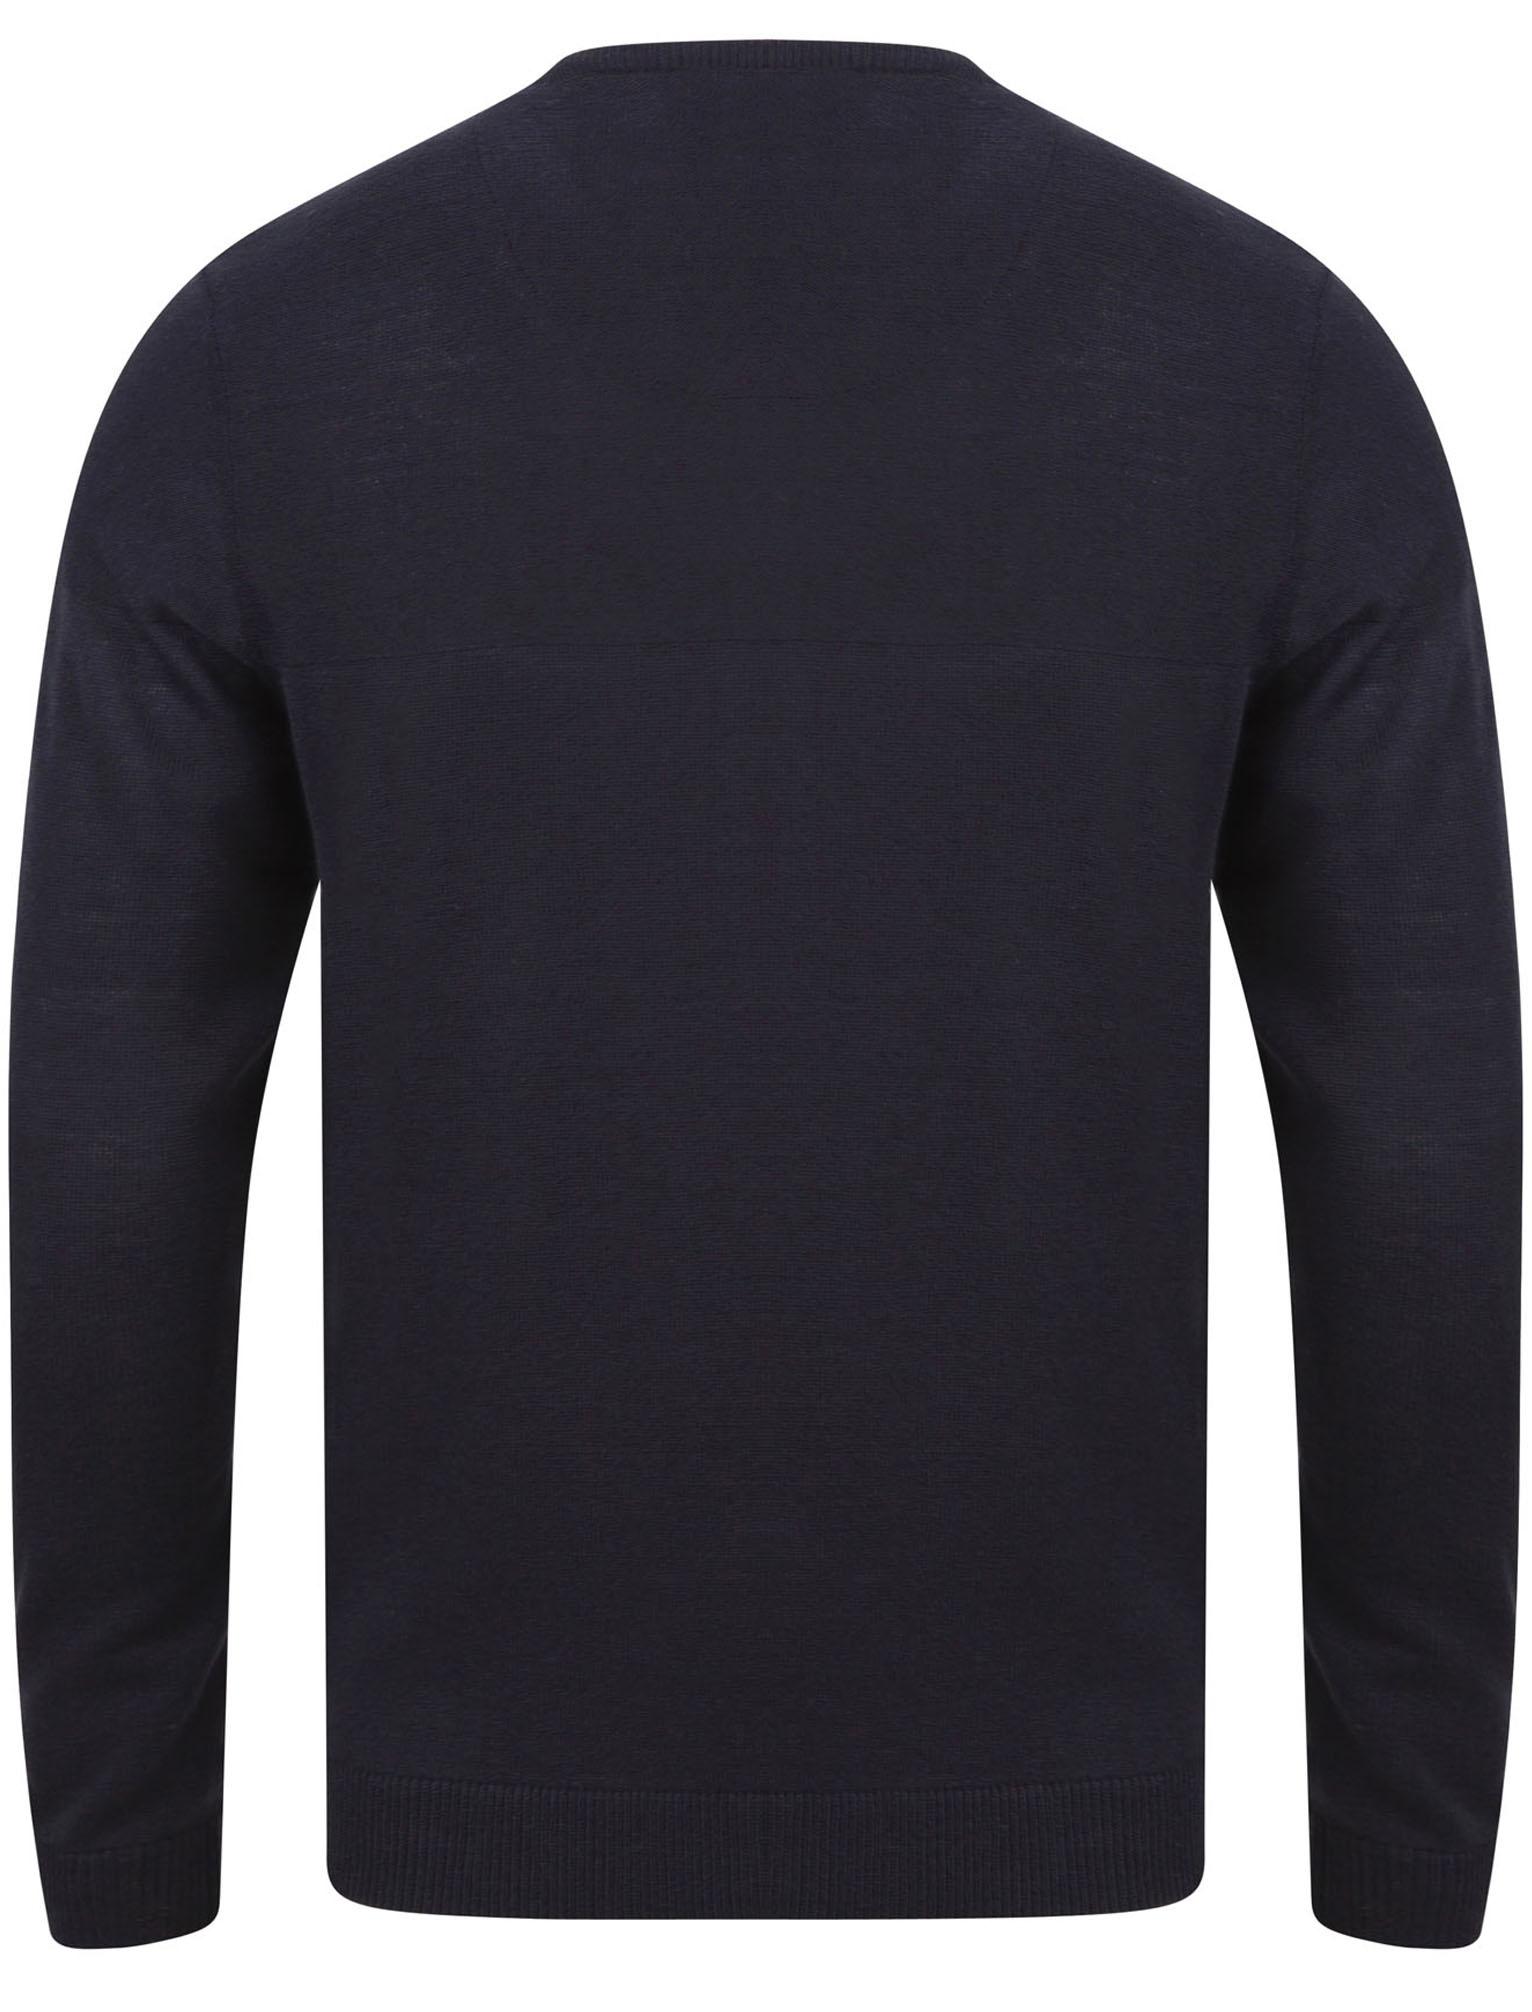 Kensington-Eastside-Men-039-s-Knitted-Crew-or-V-Neck-Jumper-Sweater-Top-Pullover thumbnail 47